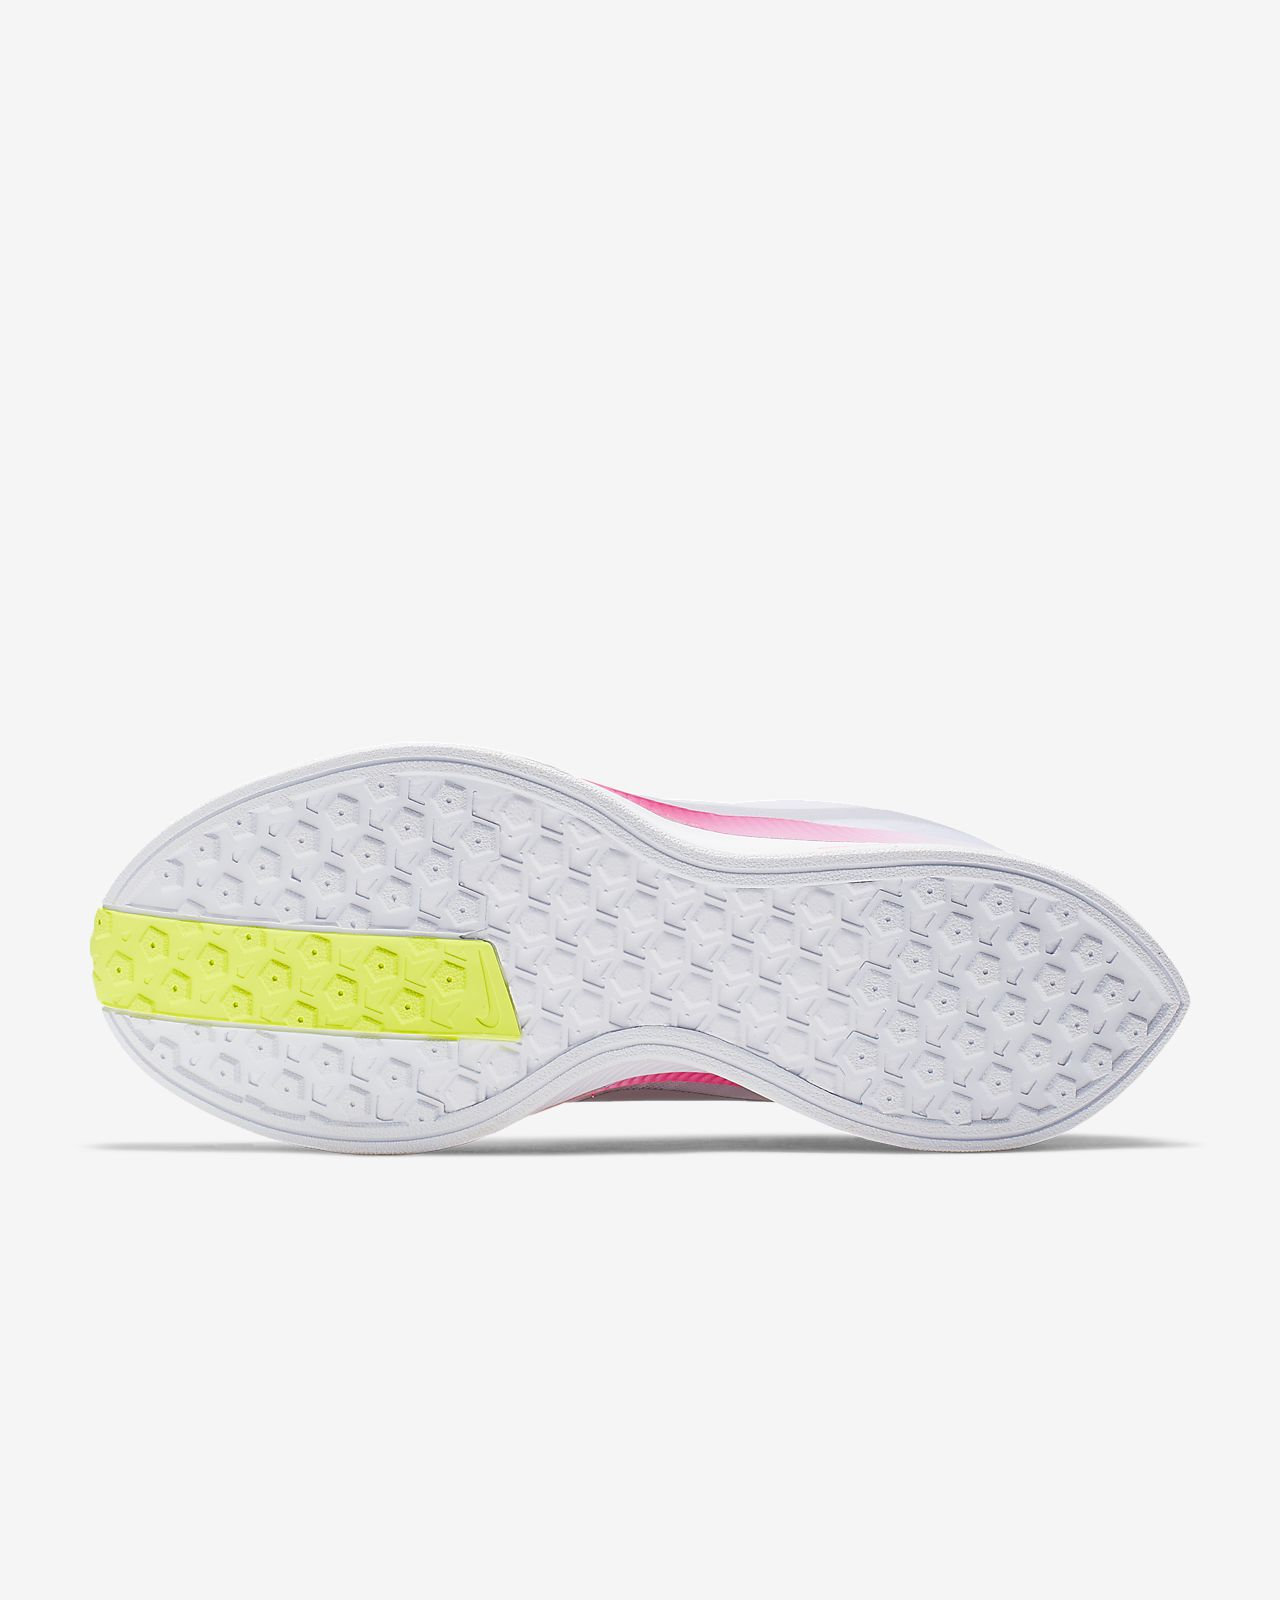 Nike Air Zoom Pegasus 35 Premium Damen Laufschuh